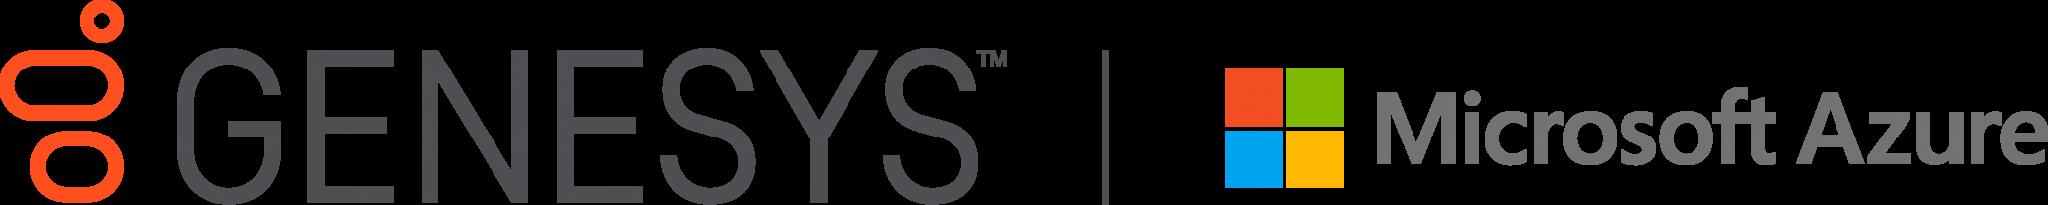 Genesys microsoft azure logo color